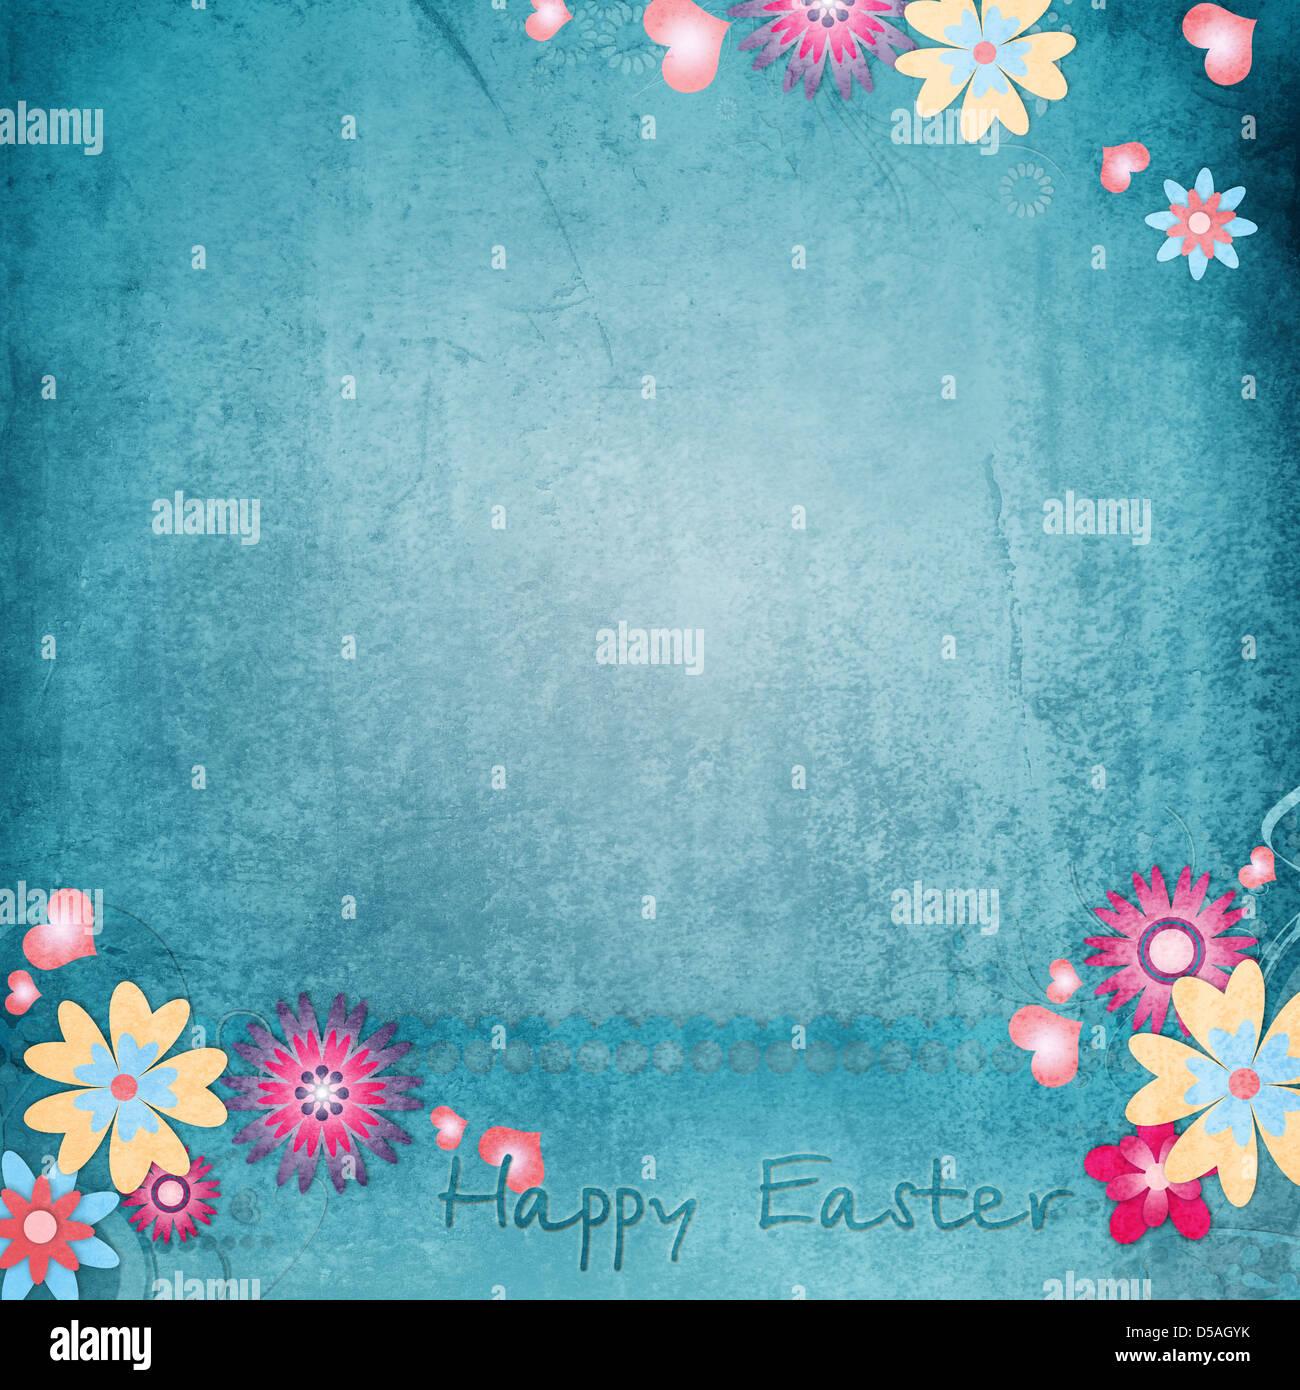 Felices Pascuas Tarjeta de felicitación con flores, corazones Imagen De Stock